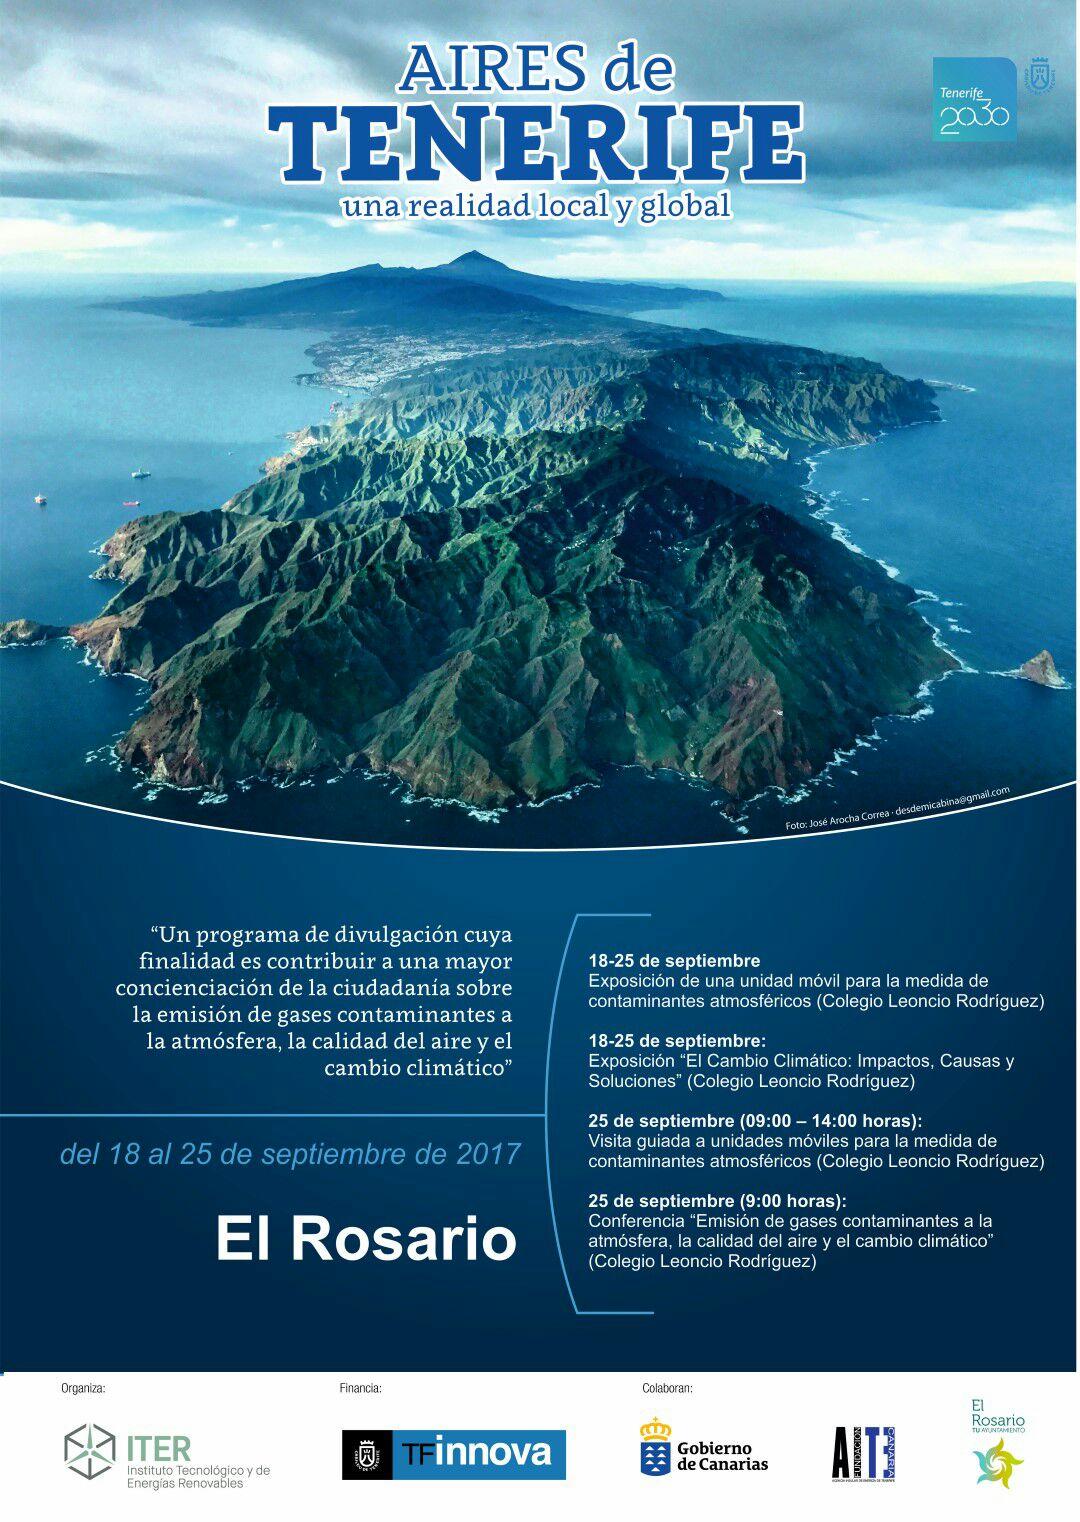 Aires de Tenerife El Rosario